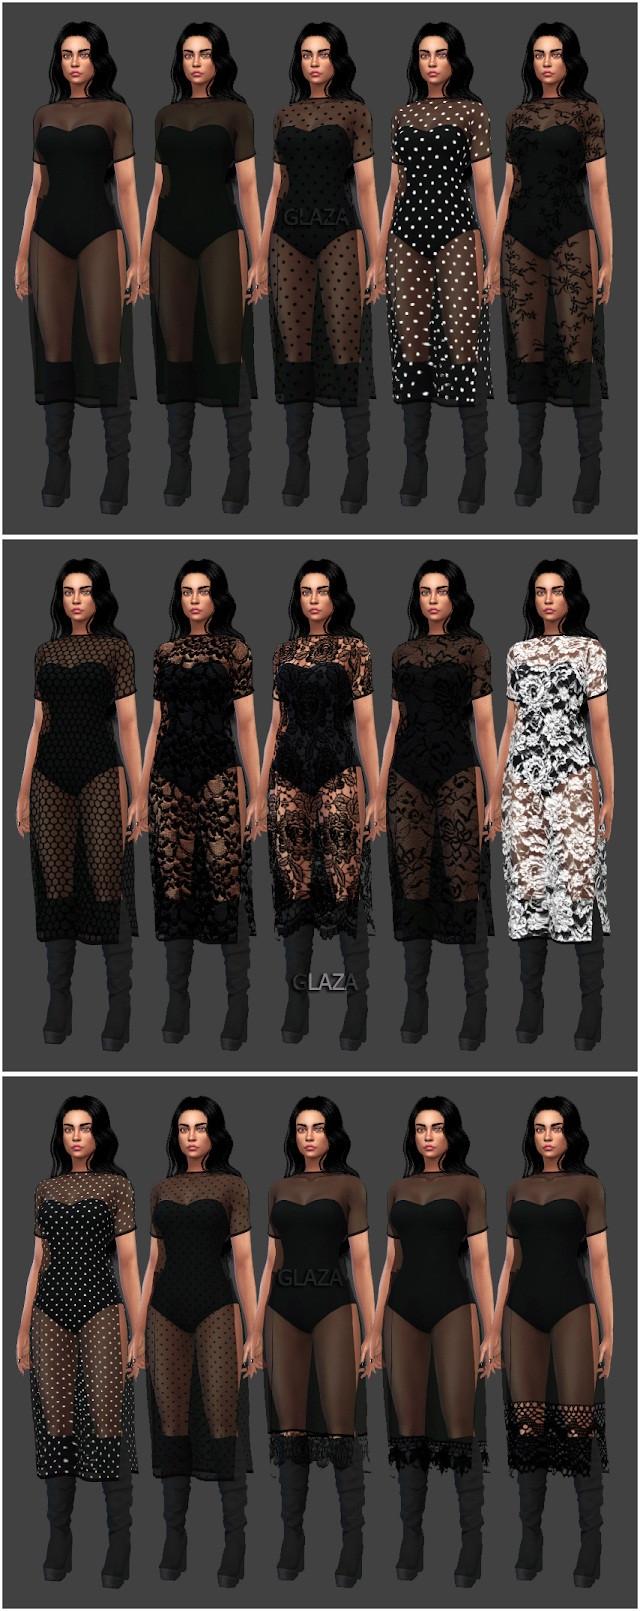 Женская повседневная одежда - Страница 3 Edeca50c77e0b7e1de0c2d0a61de71ee